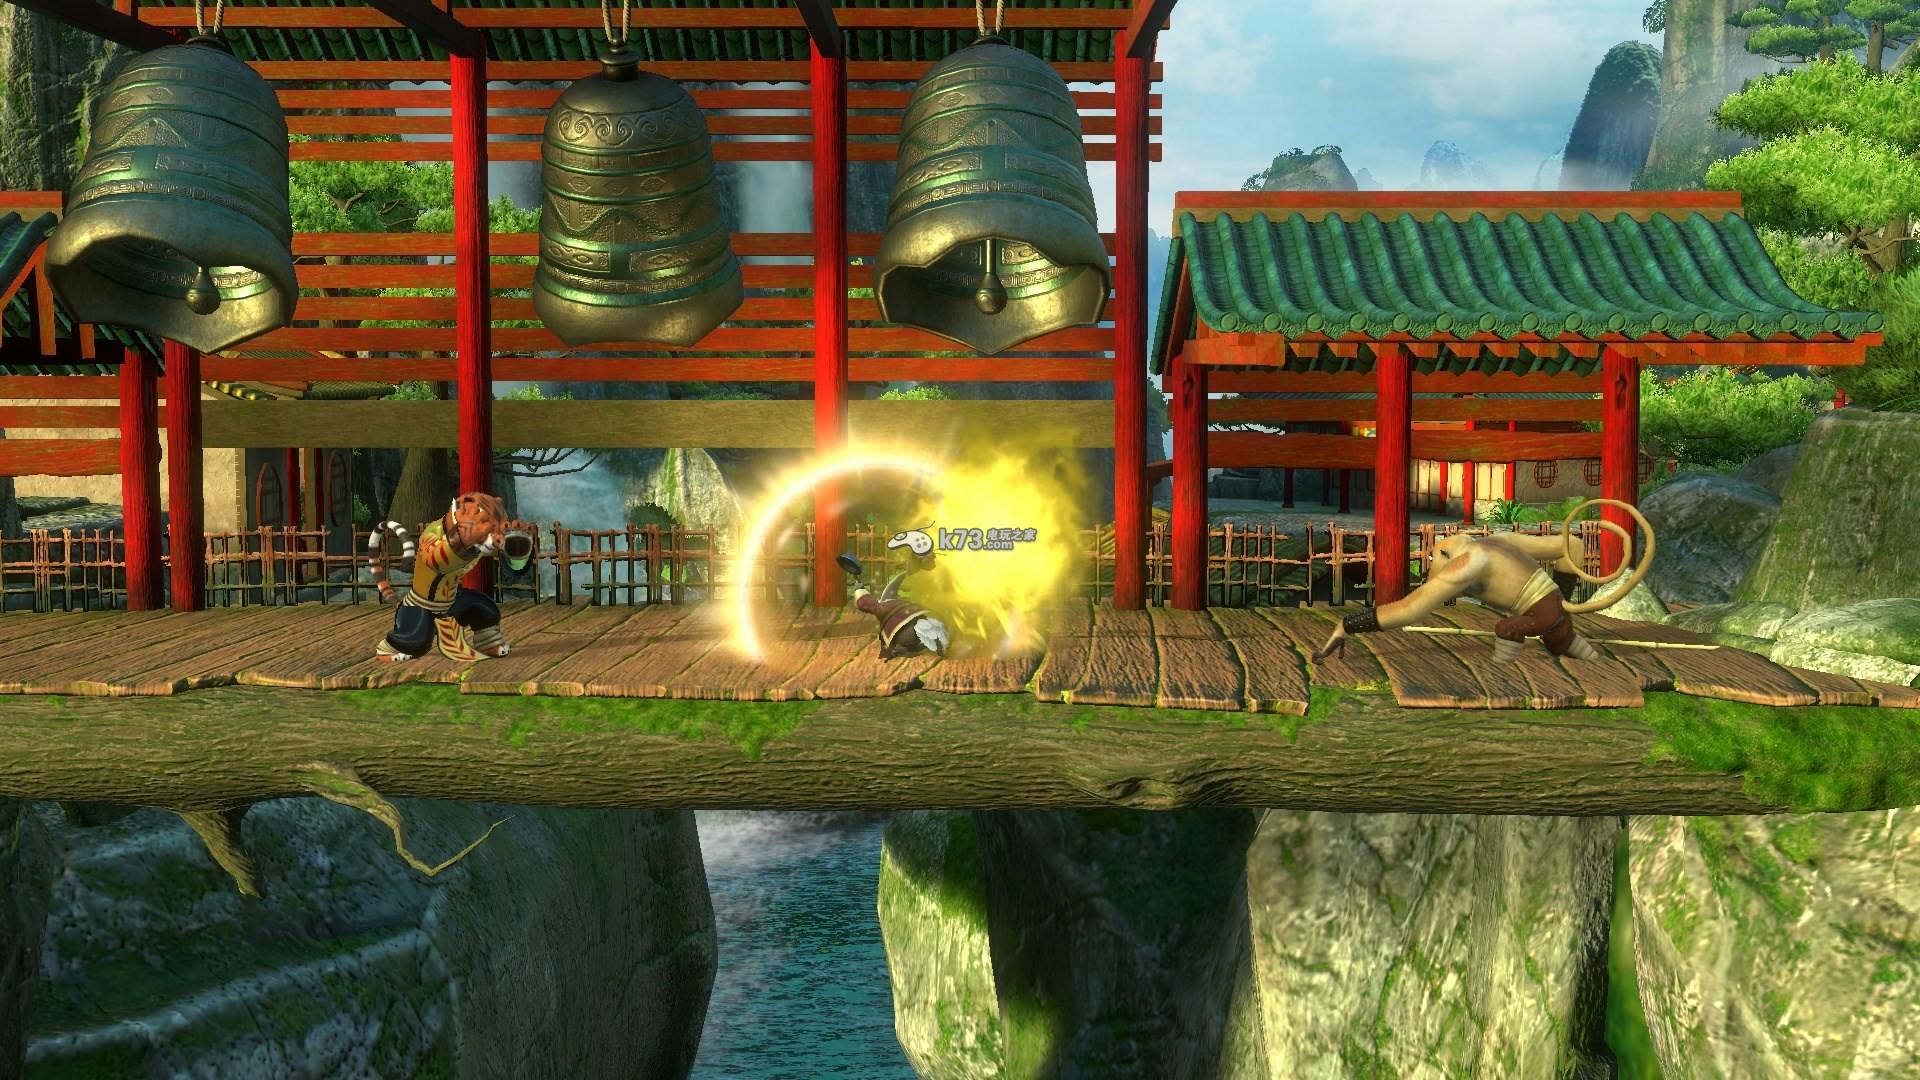 英文名称:Kung Fu Panda: Showdown of Legendary Legends 游戏语言:英文 开发厂商:Vicious Cycle 发行厂商:Little Orbit 发售日期:2015-11-17 游戏容量: 游戏类型:动作类 《功夫熊猫 传奇对决》这款游戏以玩家们熟悉的《功夫熊猫》为基础进行制作,玩家可以在游戏之中进行多人的对战游戏,而且游戏之中登场的角色也十分的丰富,包括第一部及第二部的很多角色哦。